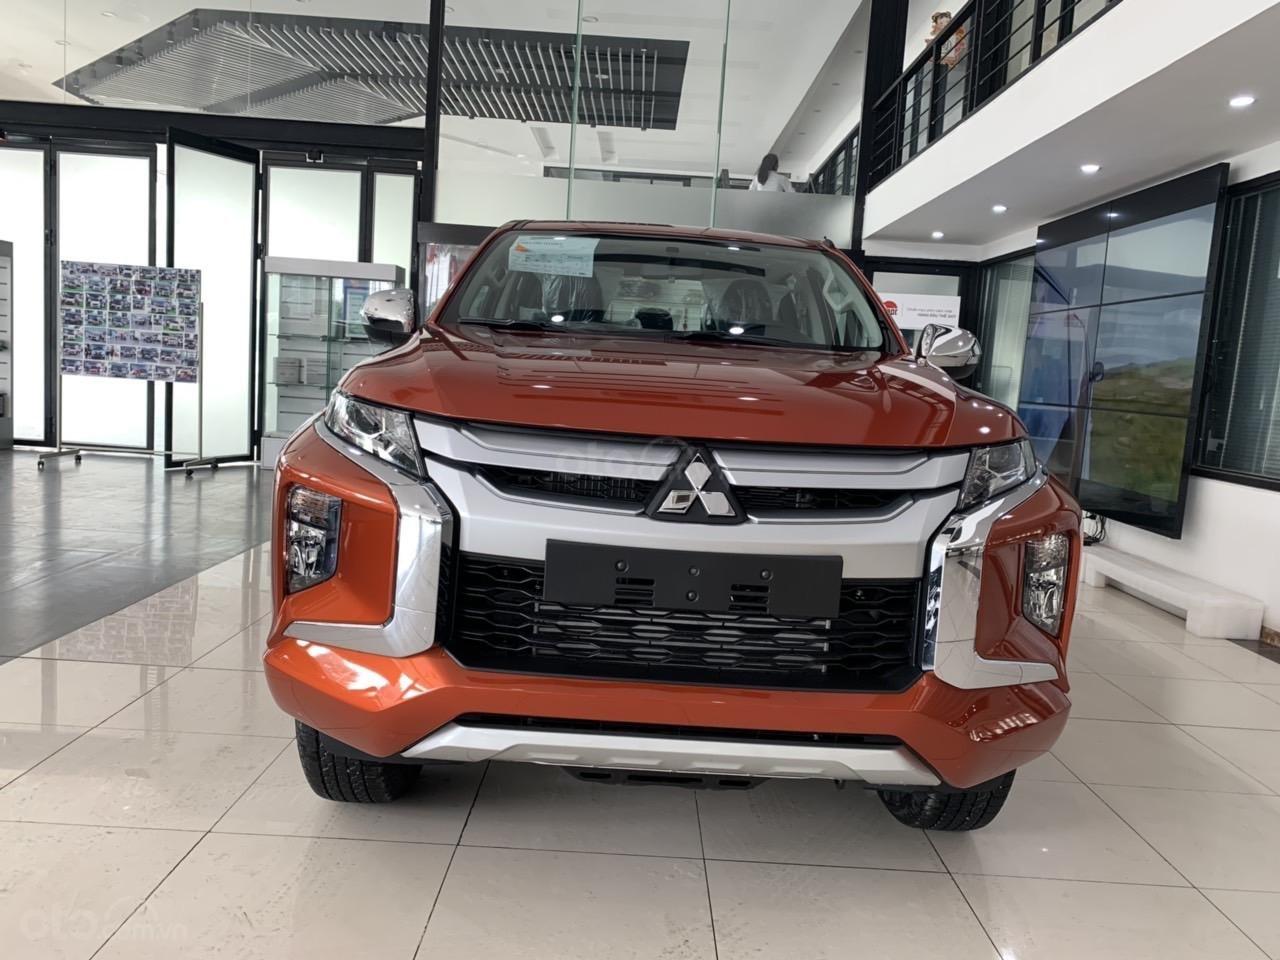 Mitsubishi Triton 4x2 AT Mivec màu cam nhập khẩu giá chỉ 630 triệu, giảm giá tốt nhất thị trường (1)